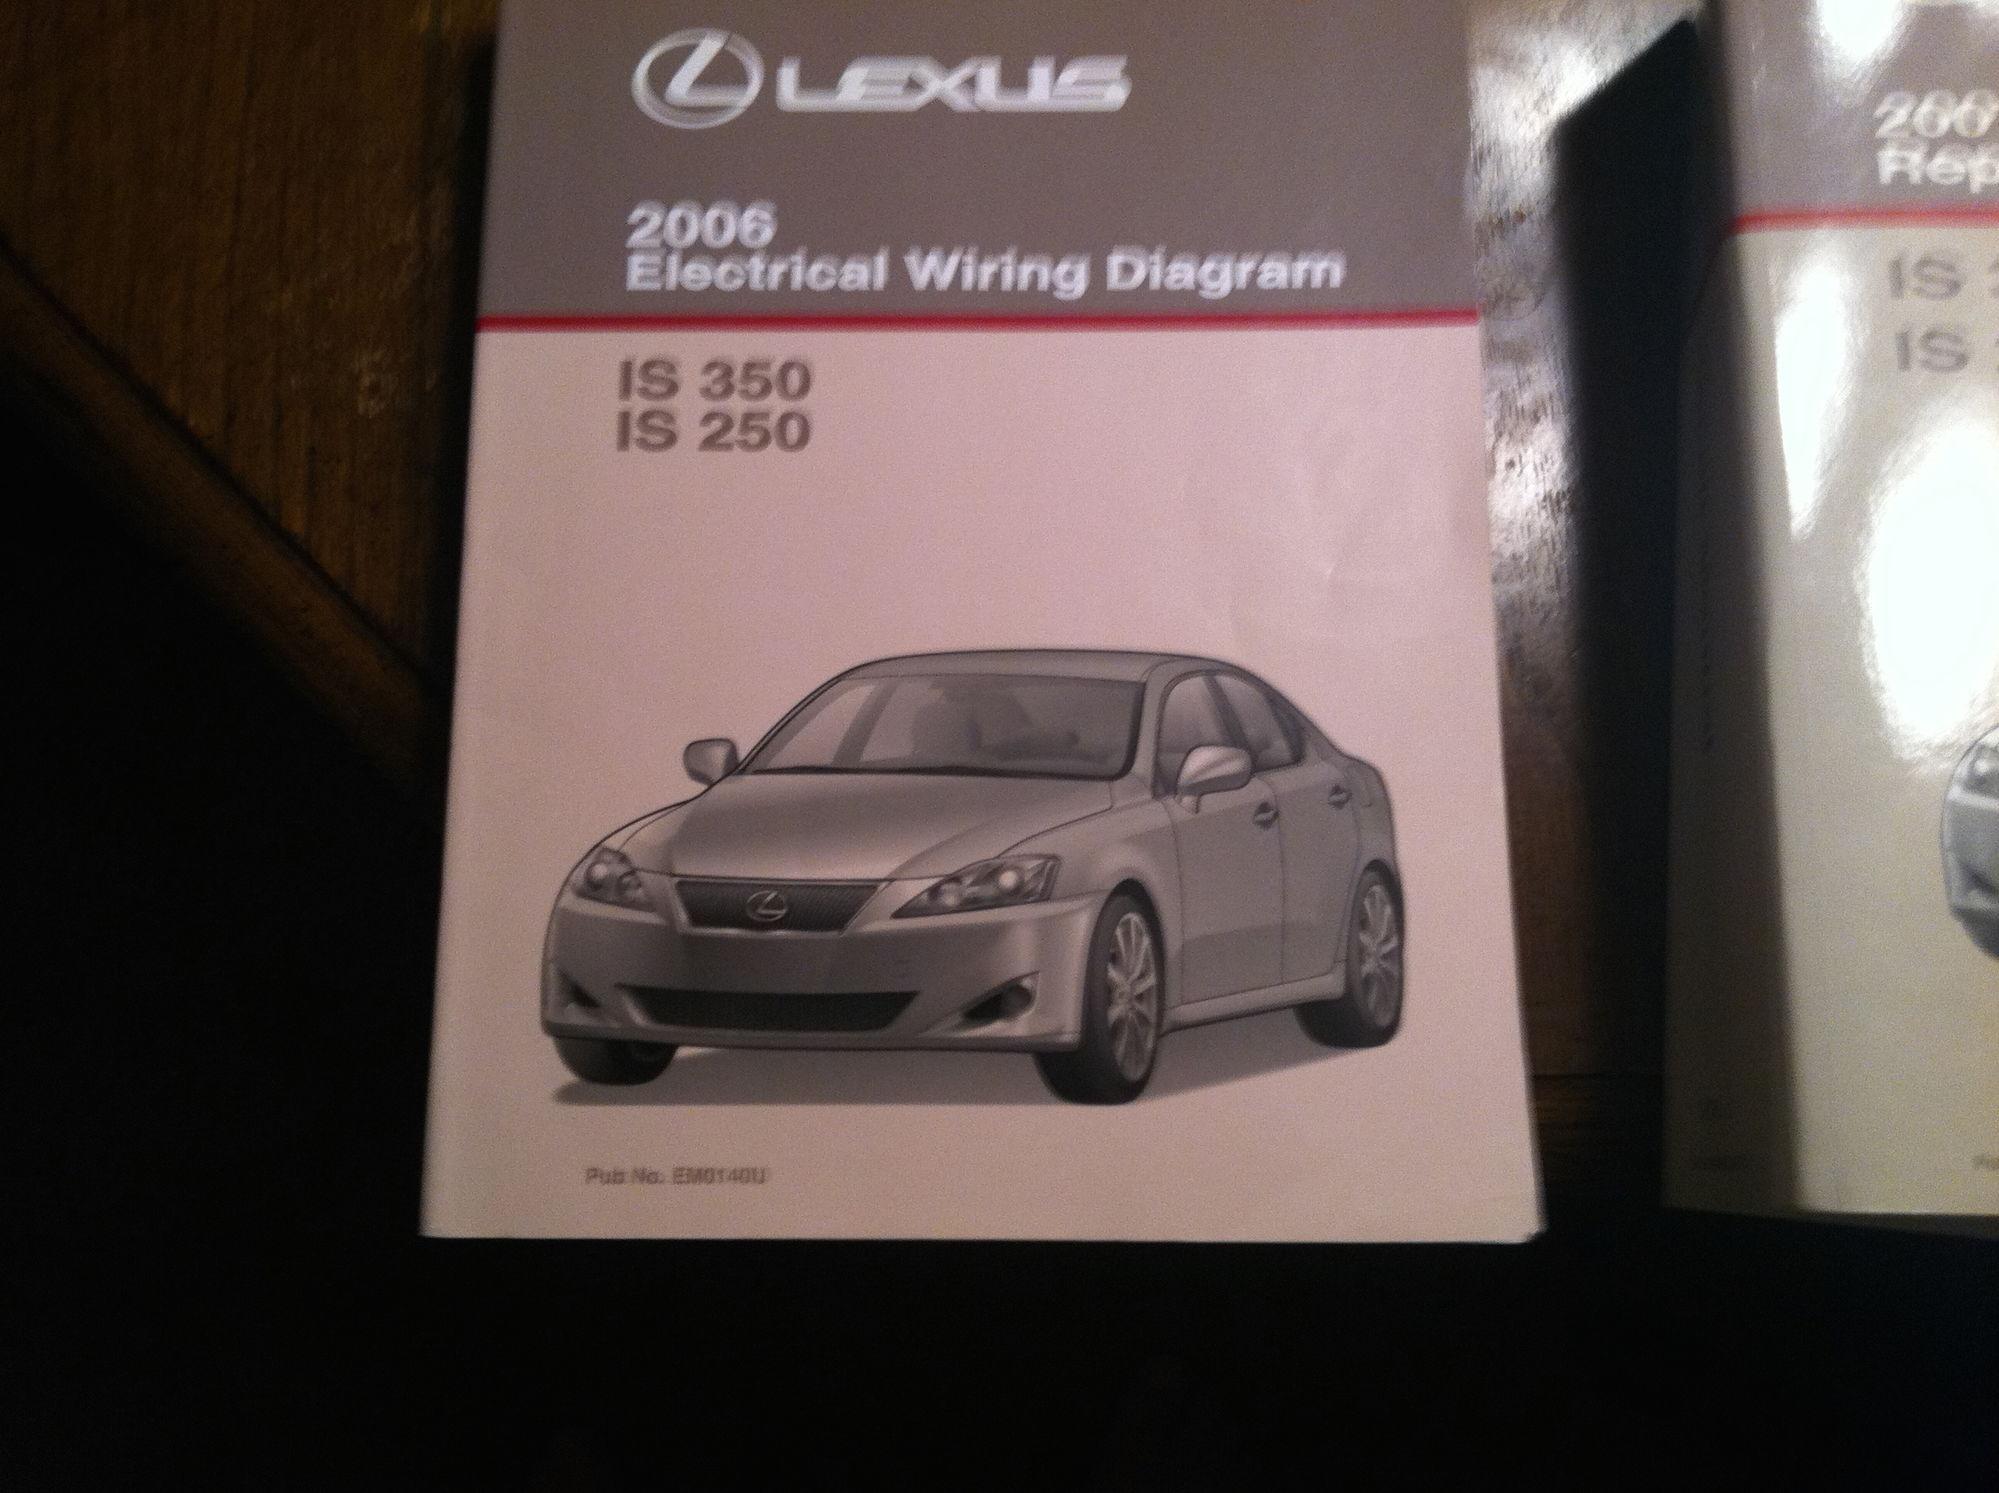 va 2006 2007 lexus repair service manuals is350 is250 clublexus lexus forum discussion. Black Bedroom Furniture Sets. Home Design Ideas